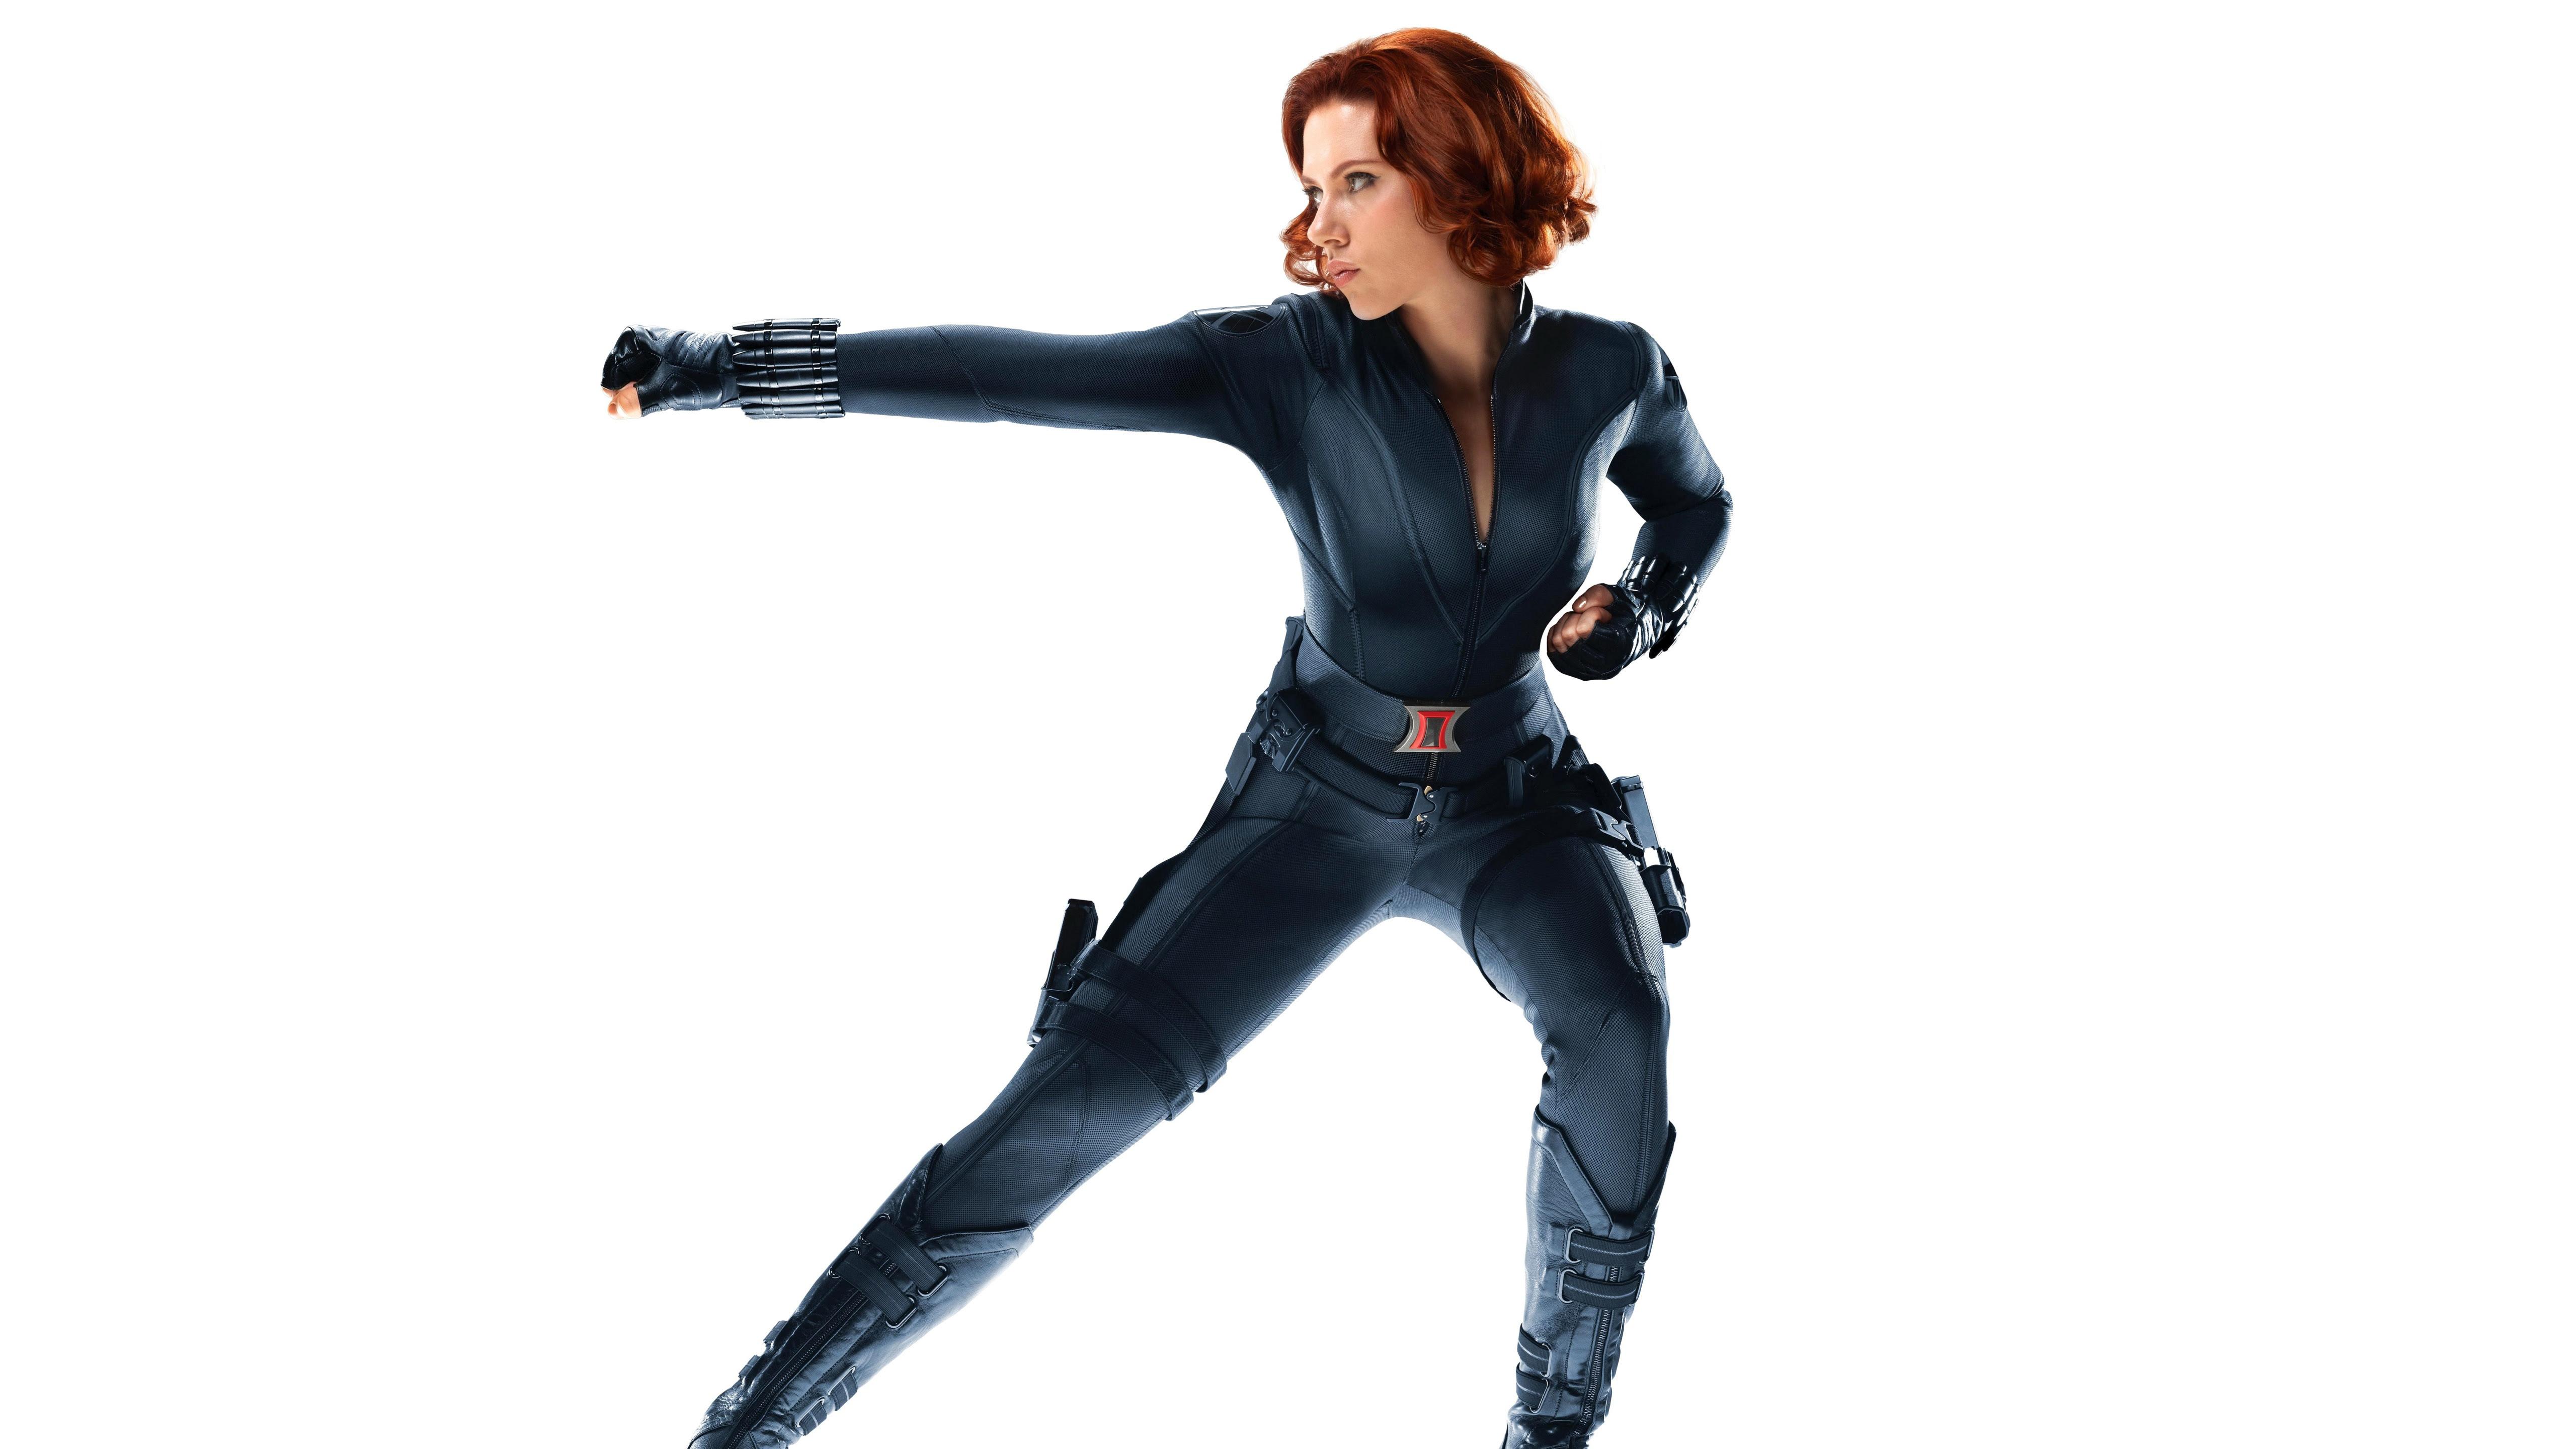 Scarlett Johansson As Black Widow In Avengers Wallpapers In Jpg